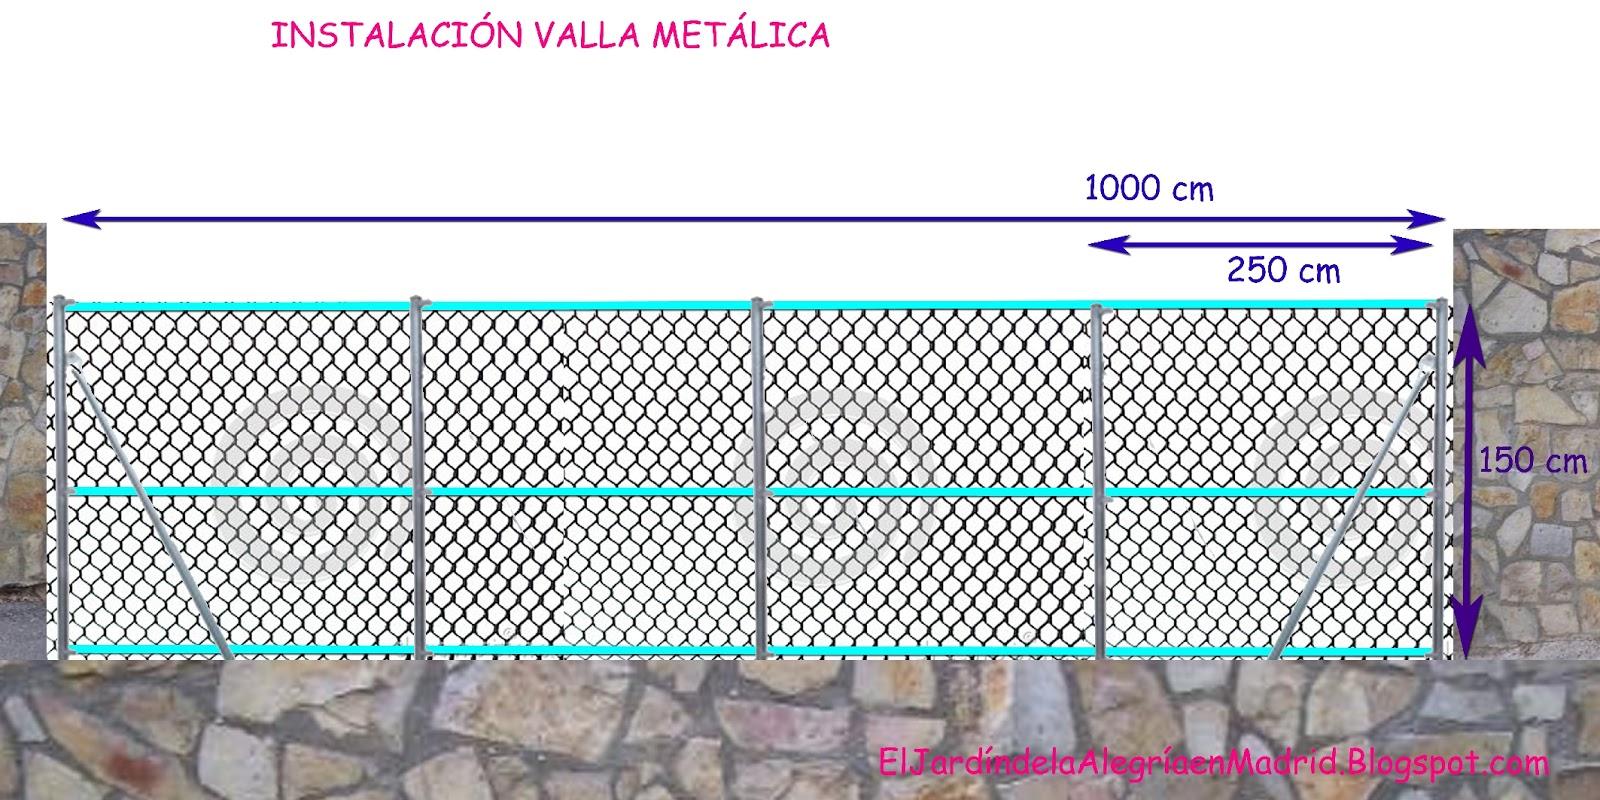 El jardn de la alegra Cmo instalar una valla metlica en el